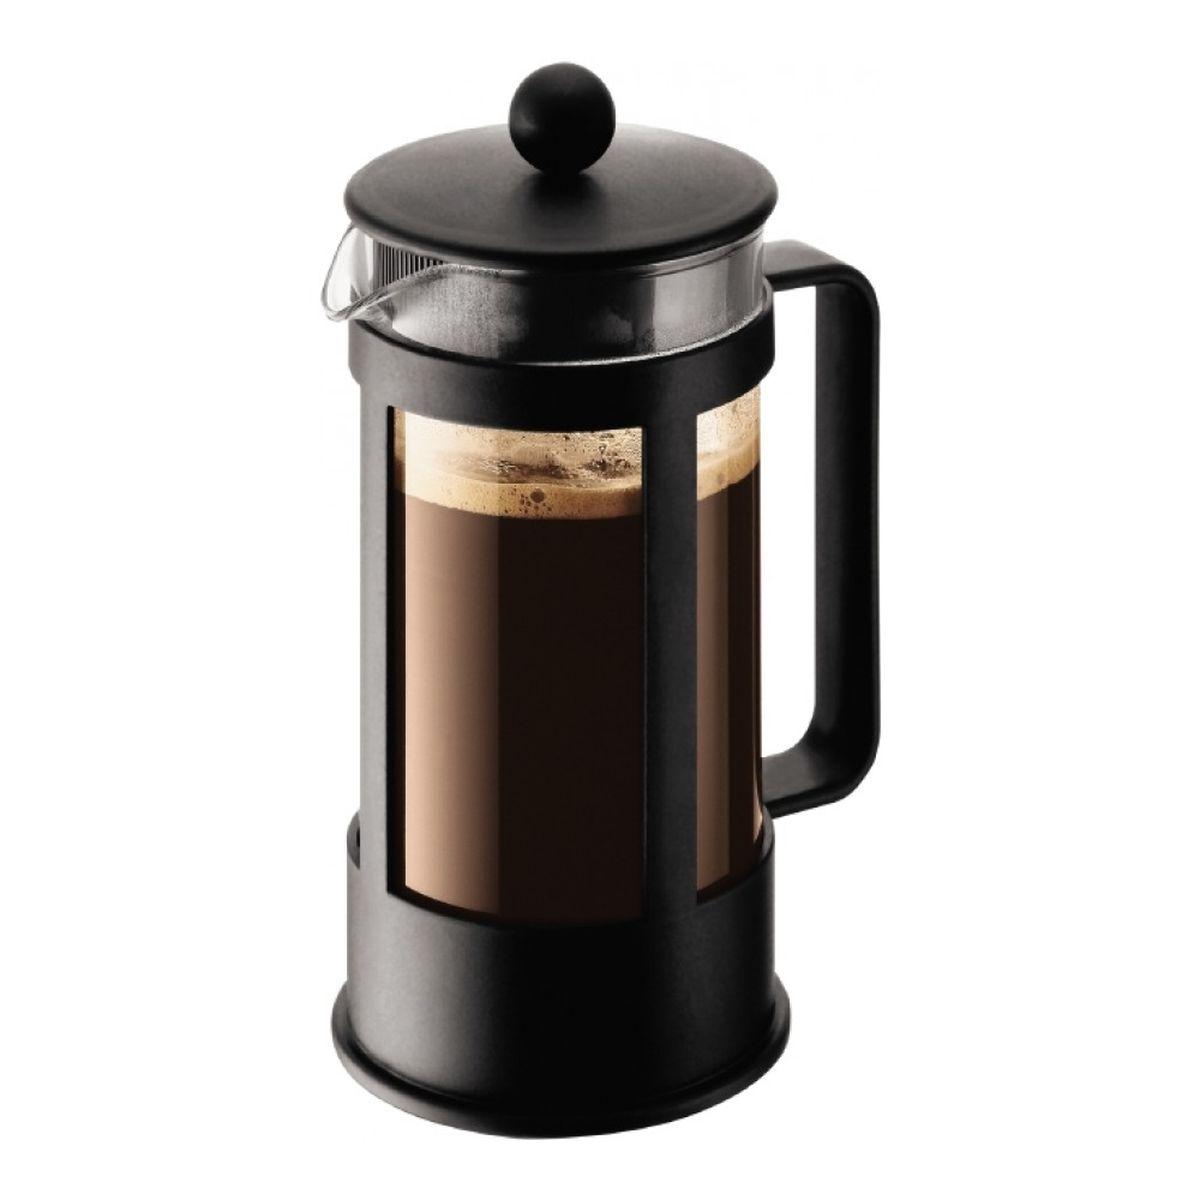 Кофейник Melior Club, с прессом, цвет: черный, 350 млM1783-01Кофейник Melior Club позволит быстро и просто приготовить свежий и ароматный кофе или чай. Цветовая гамма подойдет даже для самого яркого интерьера. Френч-пресс изготовлен из высокотехнологичных материалов на современном оборудовании: корпус изготовлен из высококачественного жаропрочного стекла, устойчивого к окрашиванию и царапинам; фильтр-поршень из нержавеющей стали выполнен по технологии Press-Up для обеспечения равномерной циркуляции воды..Практичный и стильный дизайн кофейника Melior Club полностью соответствует последним модным тенденциям в создании предметов бытового назначения. Объем: 350 мл.